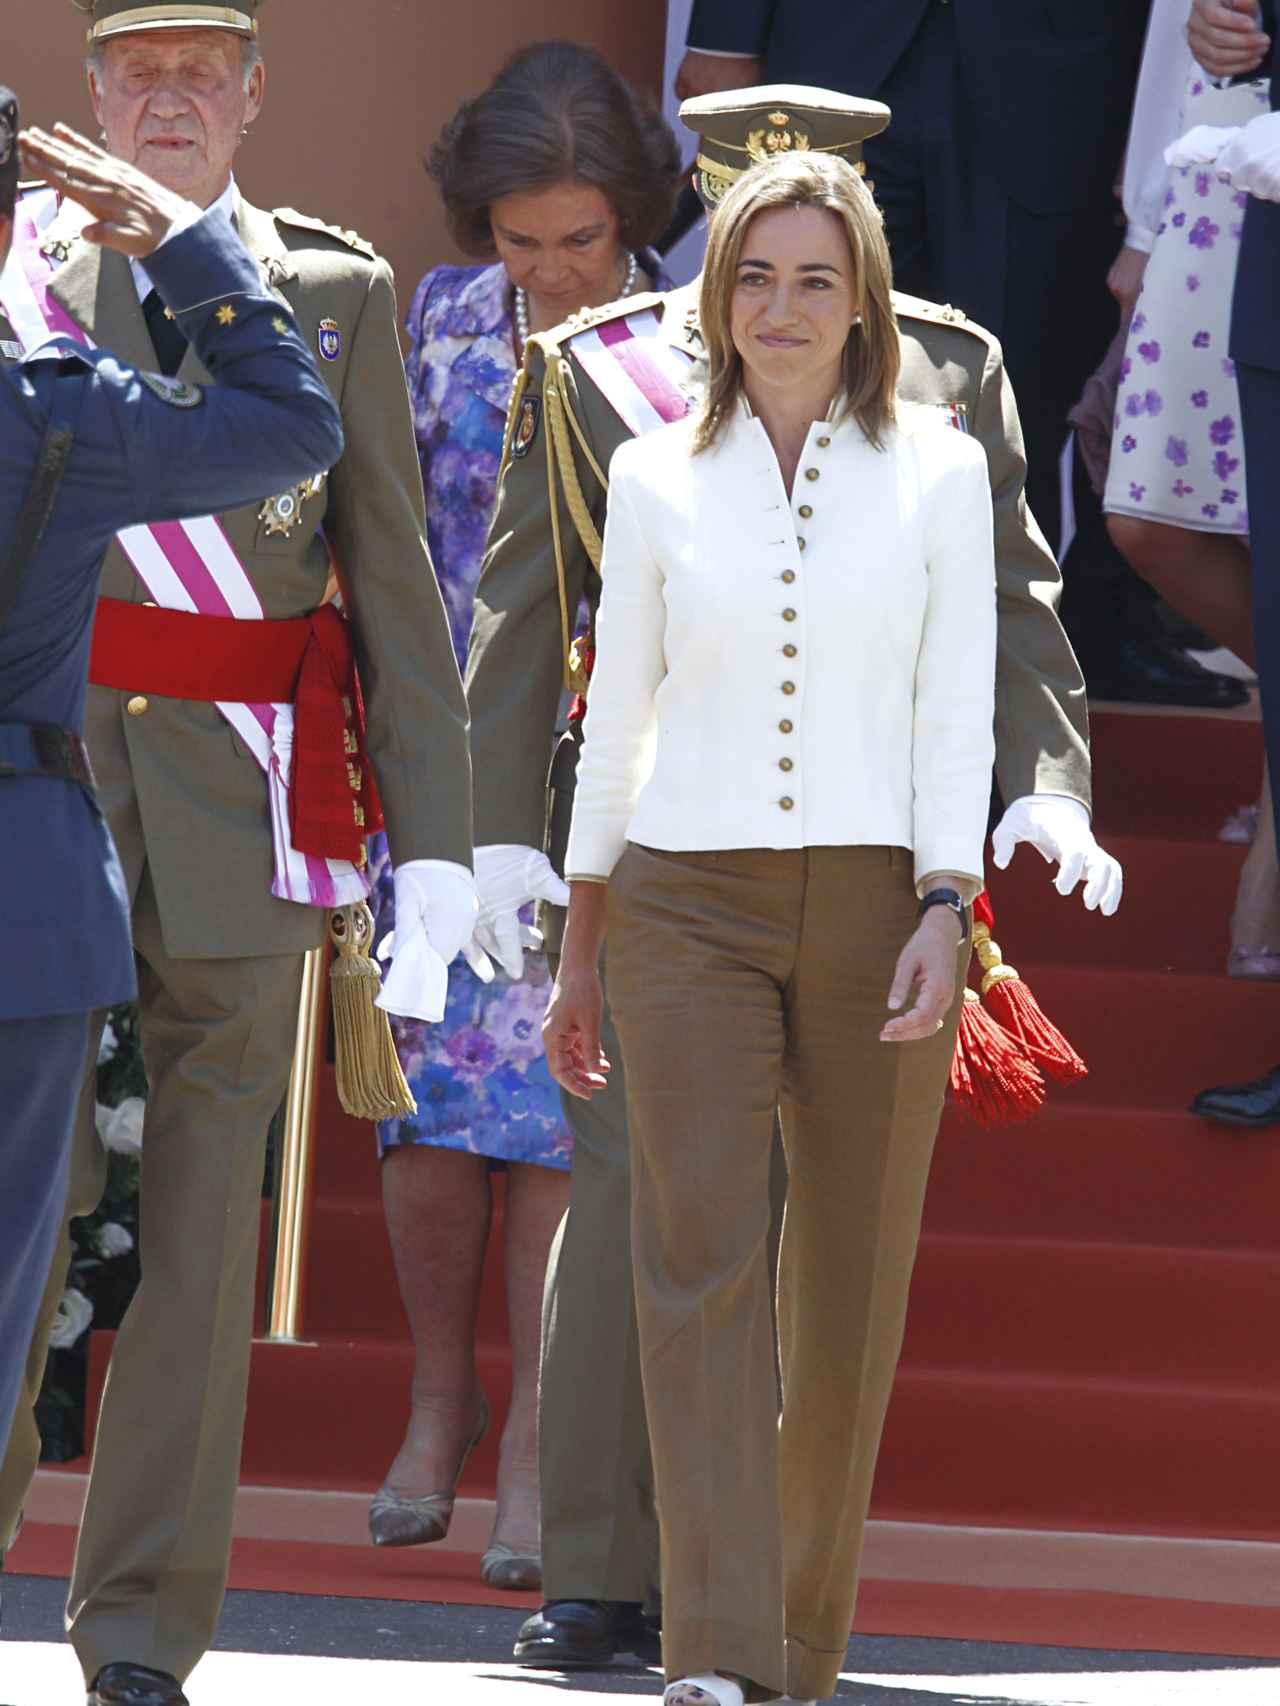 Carme Chacón cuando era ministra de Defensa durante el desfile de las Fuerzas Armadas en Badajoz en 2010.